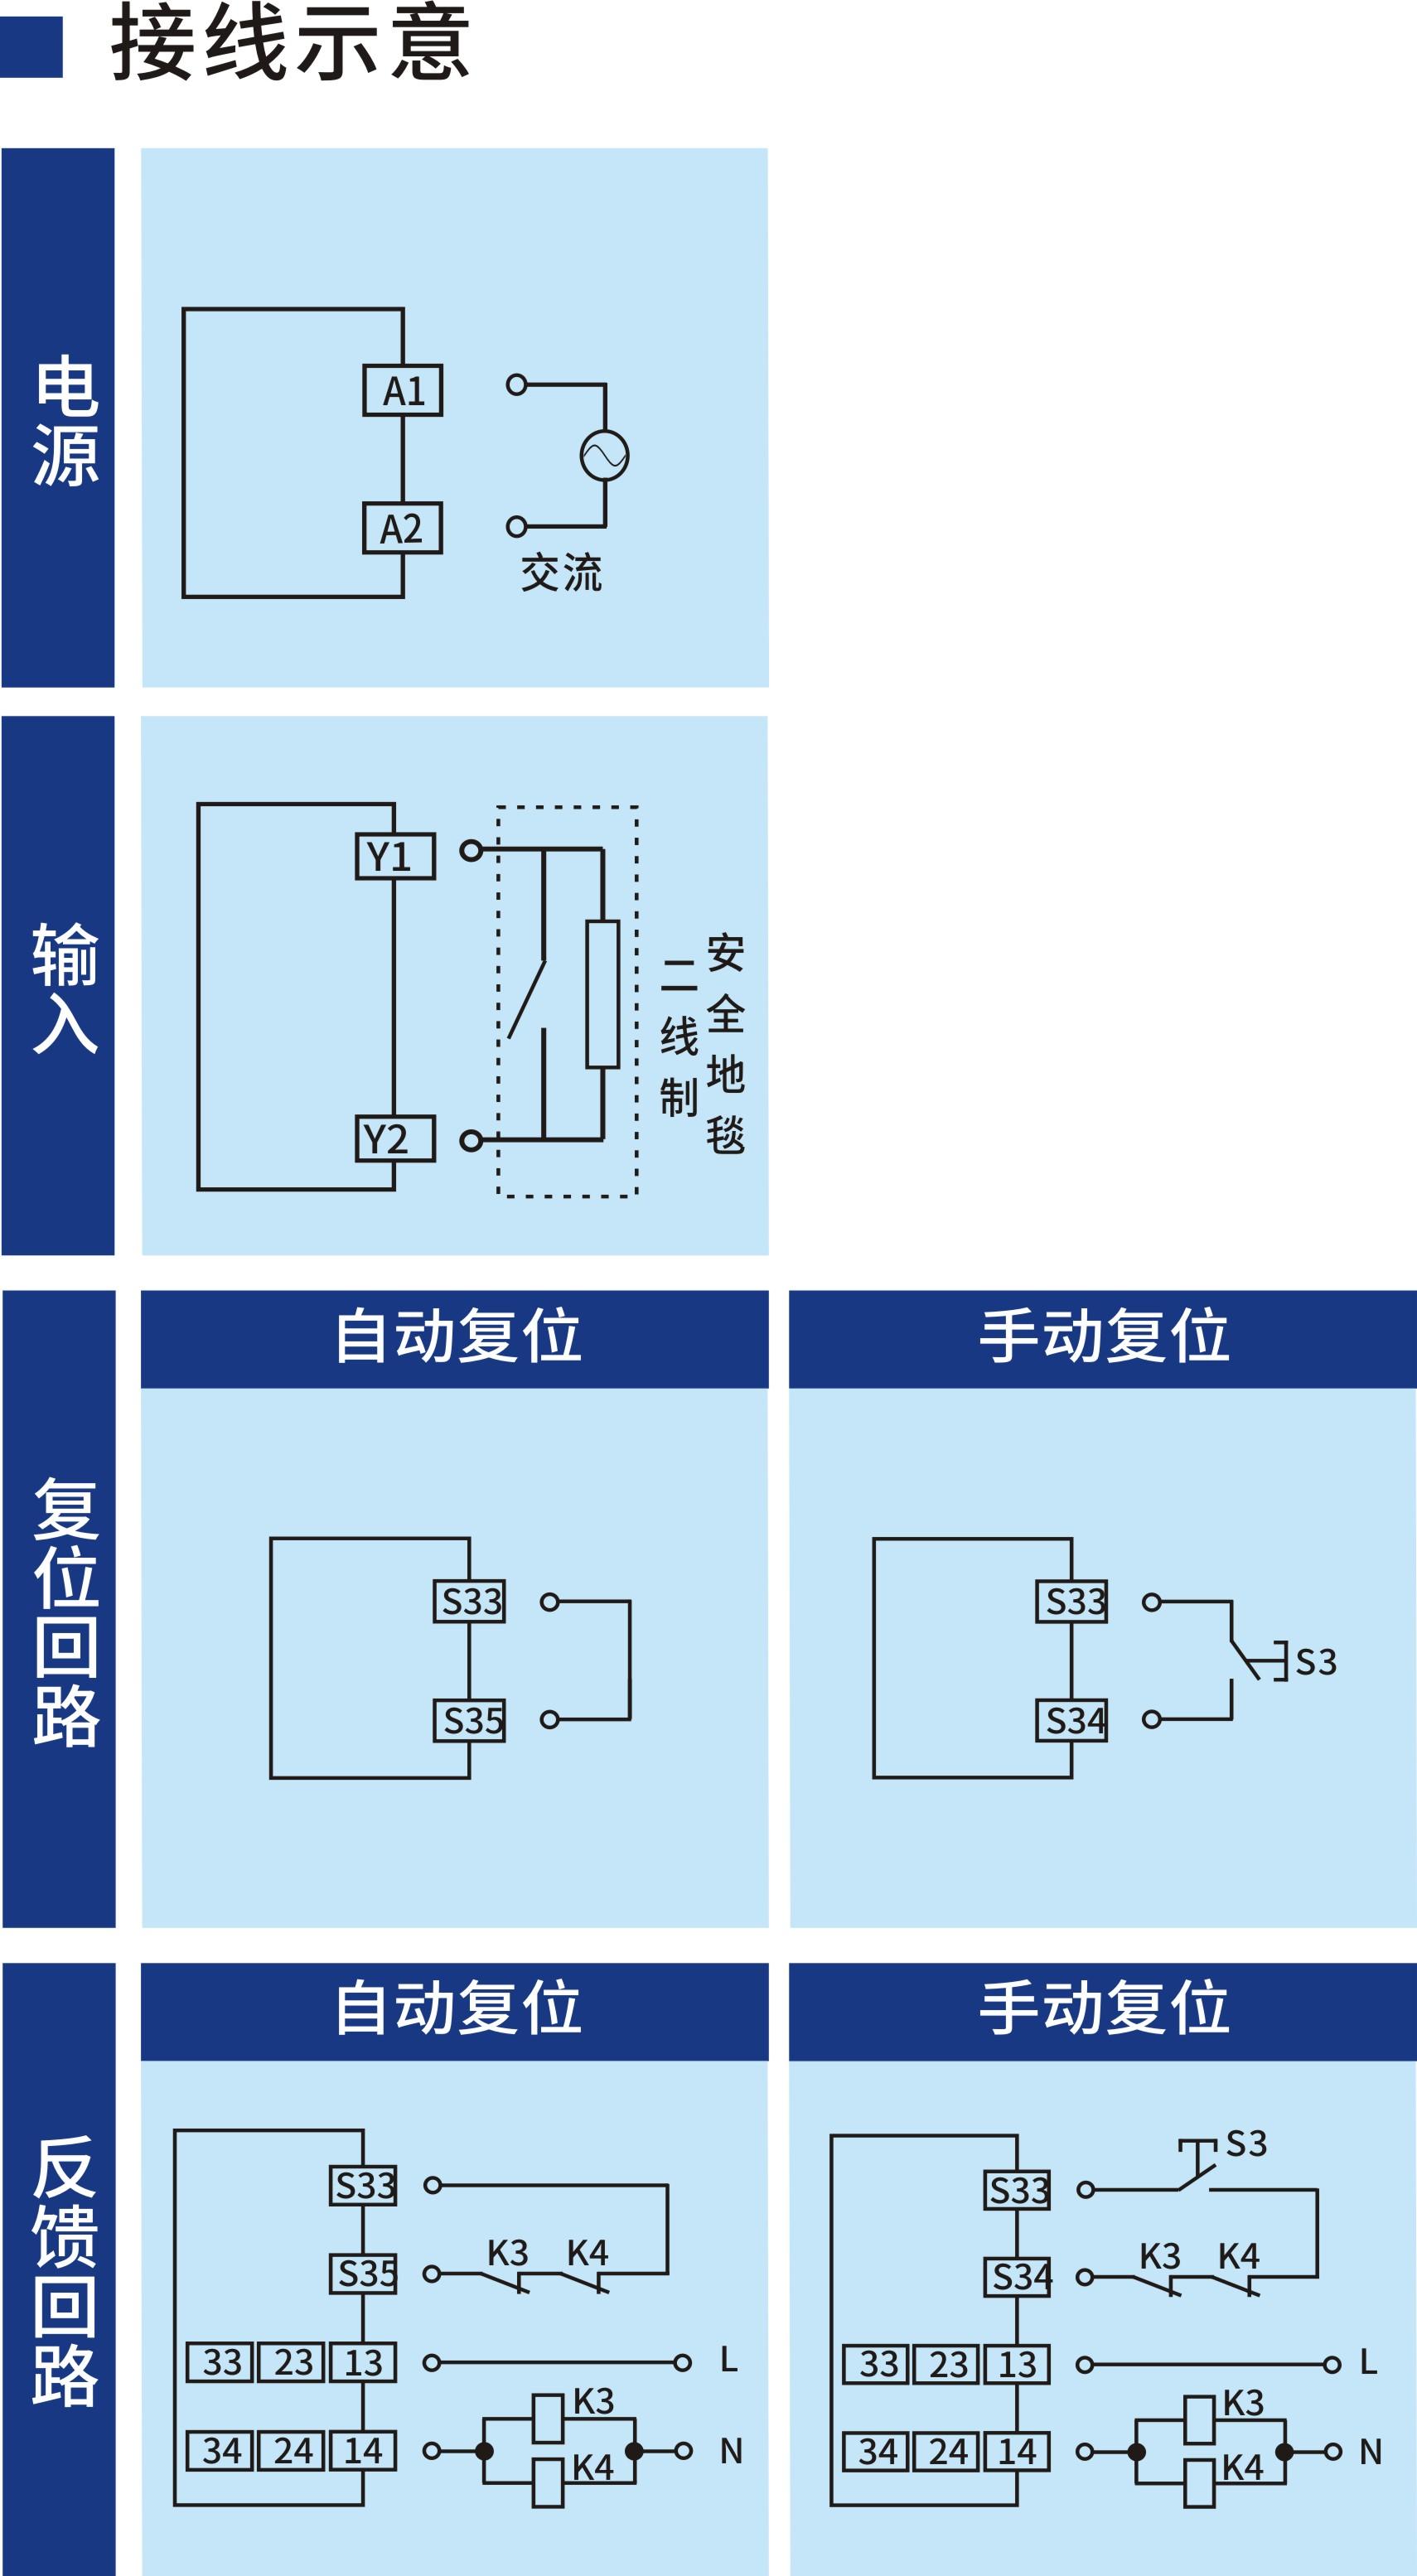 开关型安全设备输入 (两线制安全地毯 230V AC 3NO+1NC 通用复位)